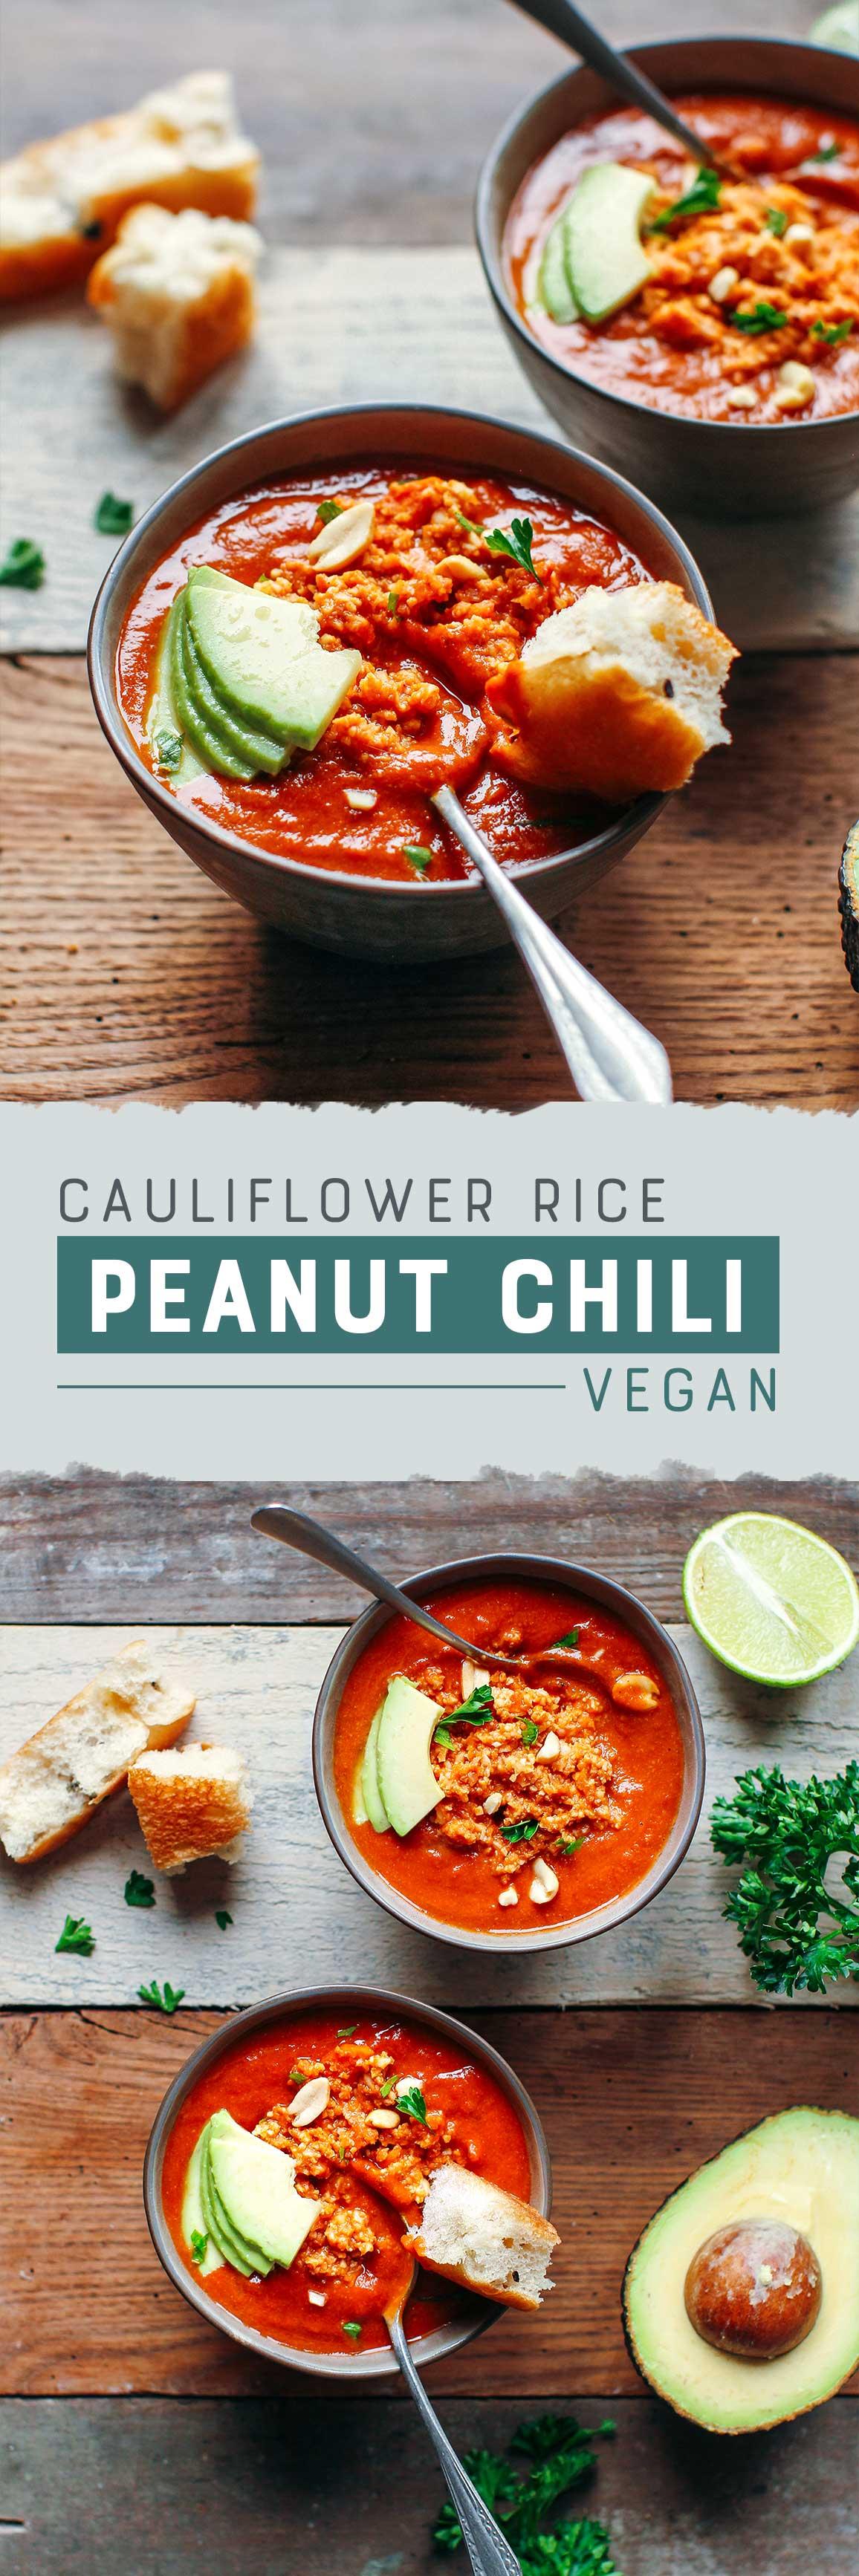 Cauliflower Rice Peanut Chili